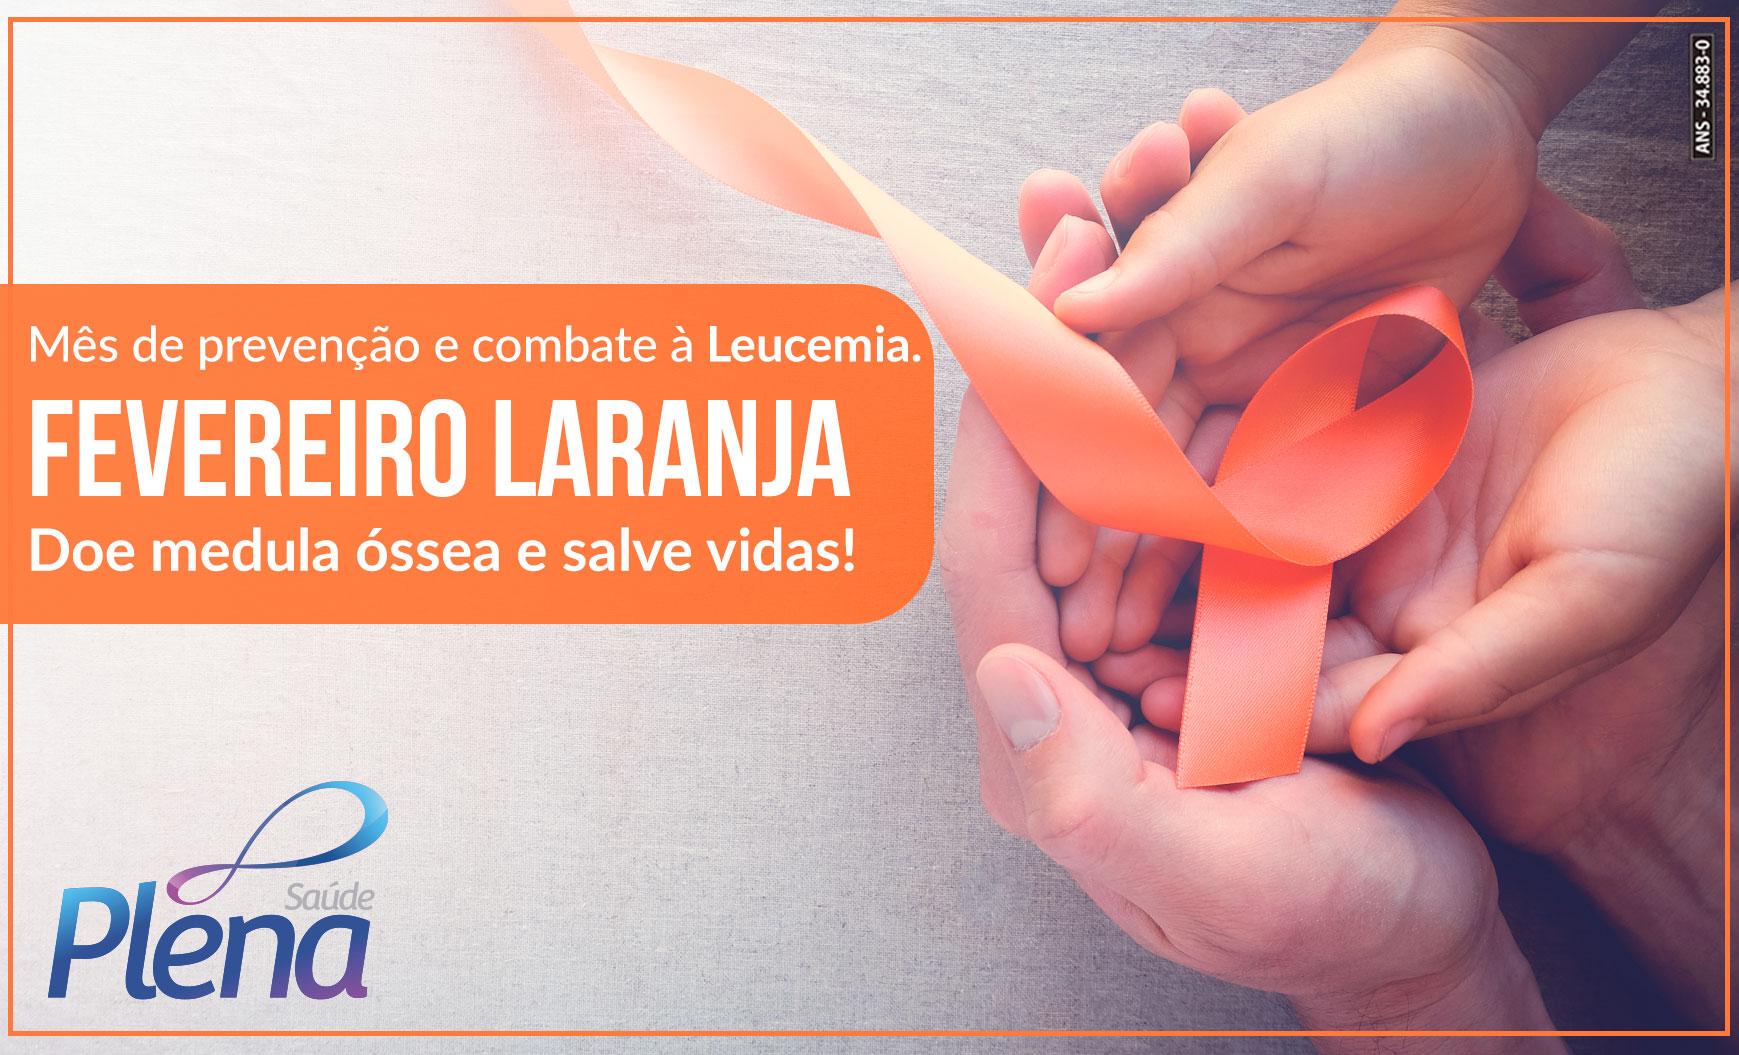 Fevereiro Laranja – Mês de Prevenção e Combate à Leucemia.